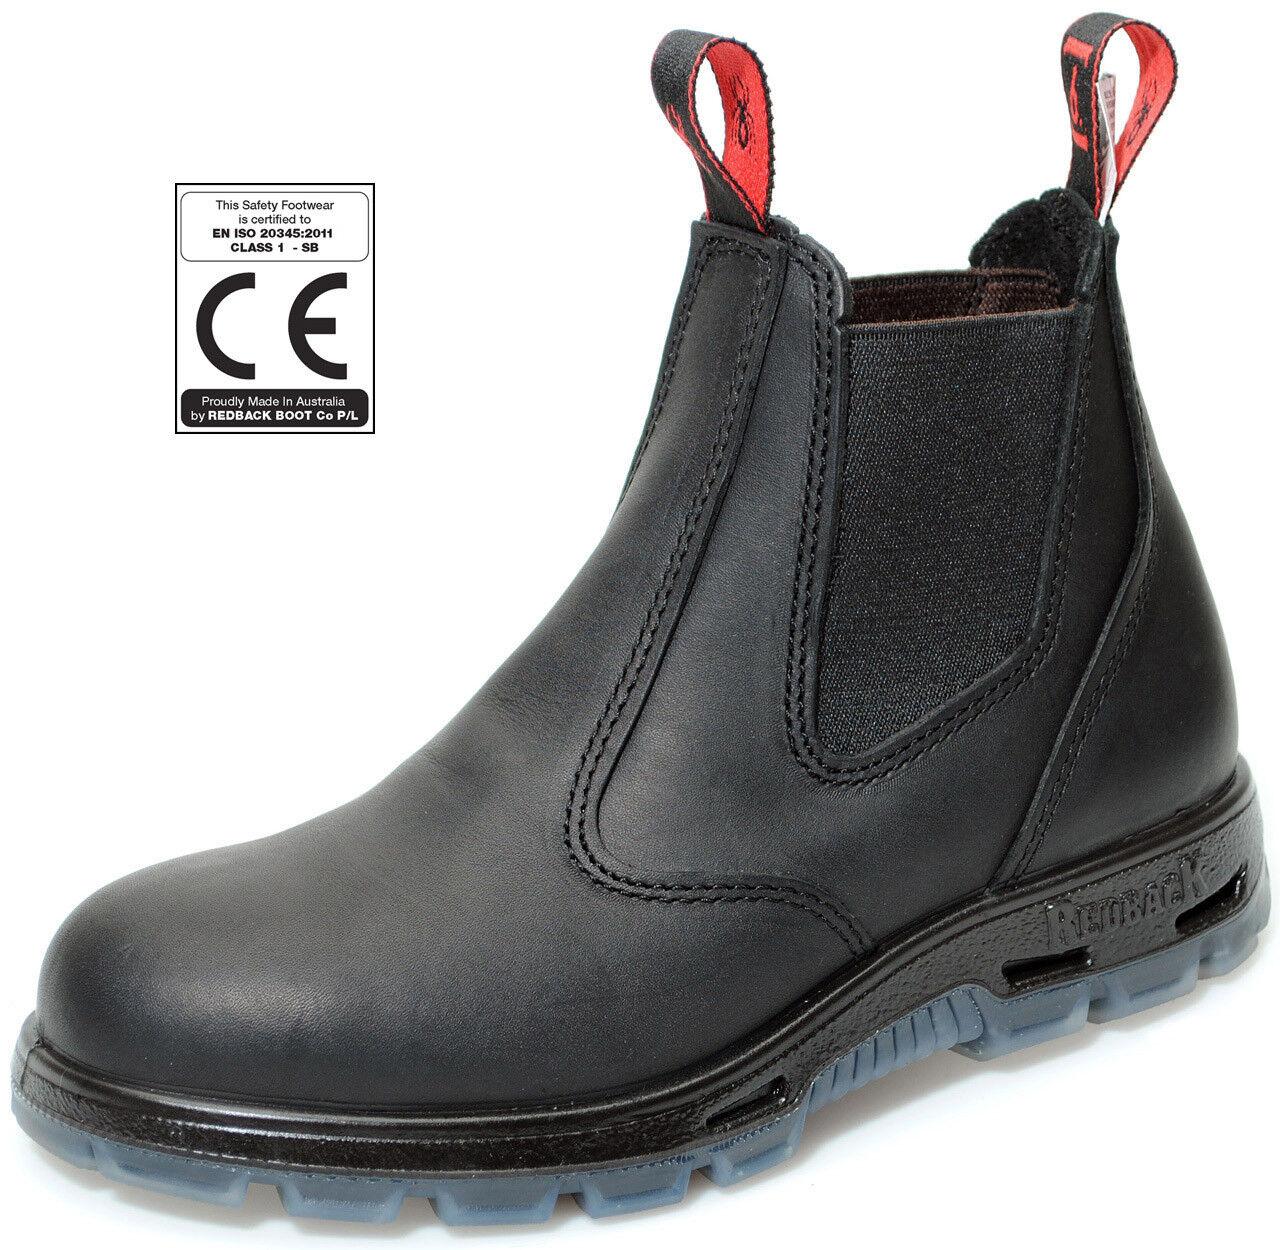 Redback Stahlkappe Boots Arbeit Reiten Leder Stahlkappe Redback USBBK schwarz mit Schmunzelfehler 64db2e